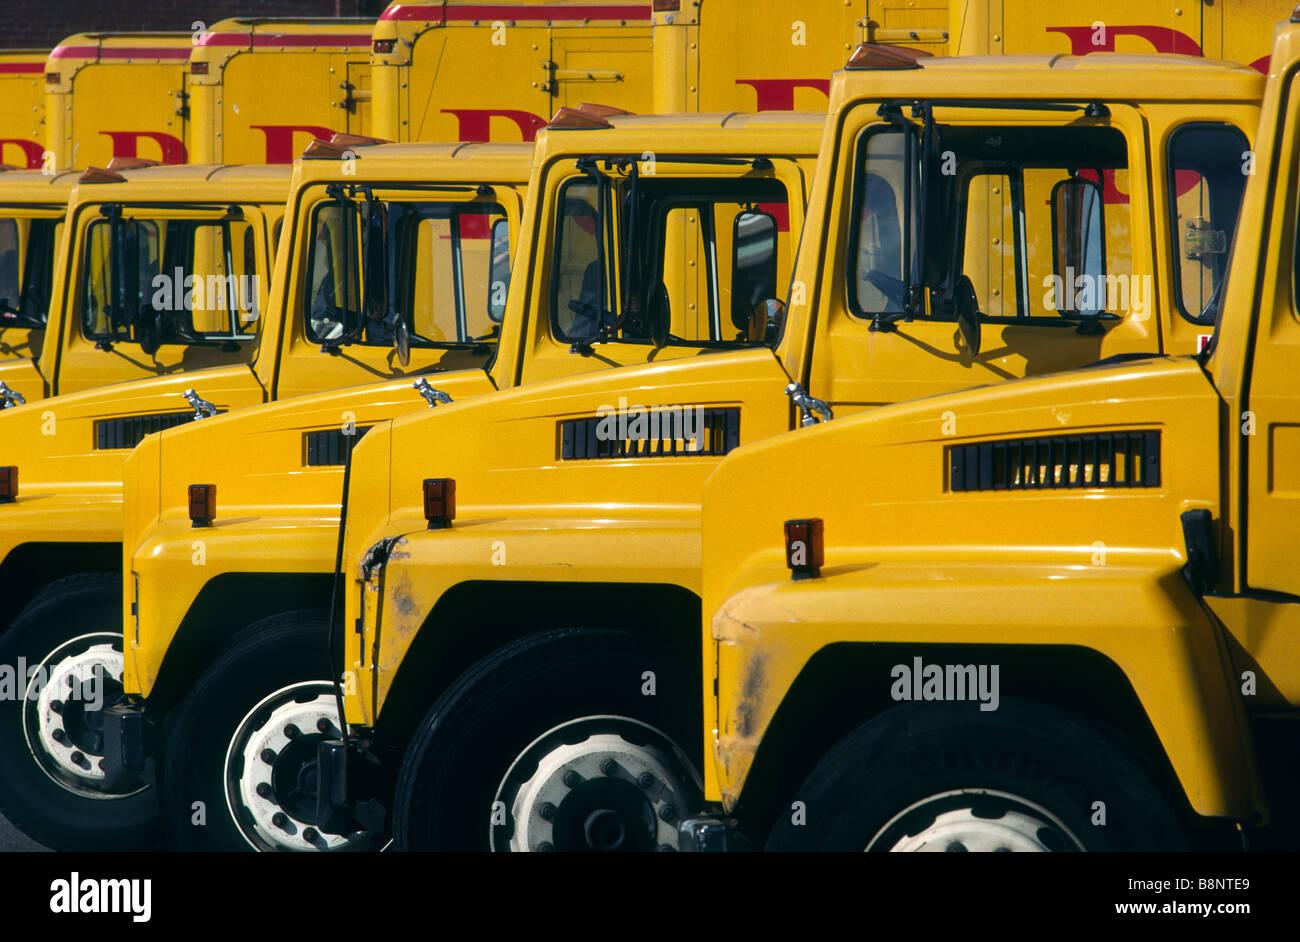 Una flota de camiones de entrega amarillo Imagen De Stock